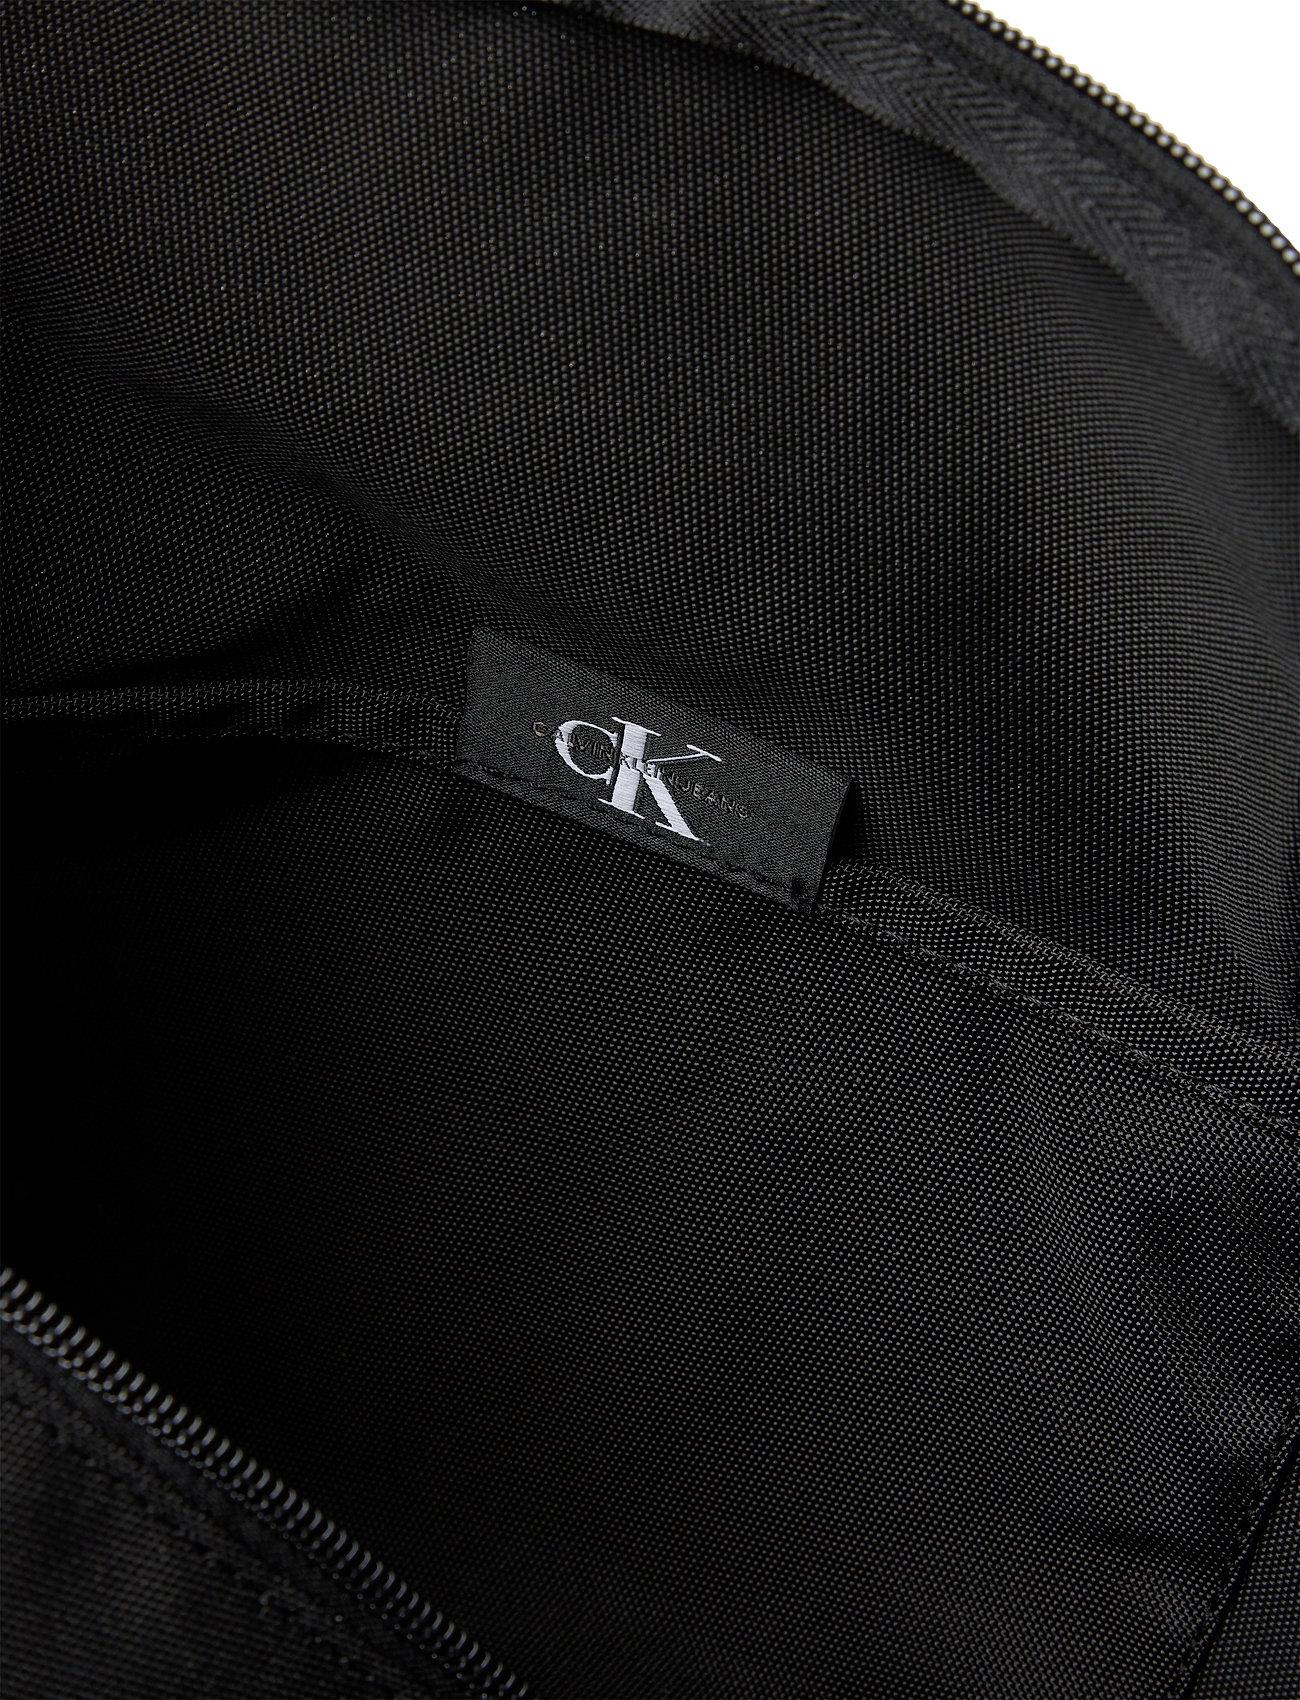 Calvin Klein - SPORT ESSENTIAL DUFFLE INST - gymtassen - black - 4